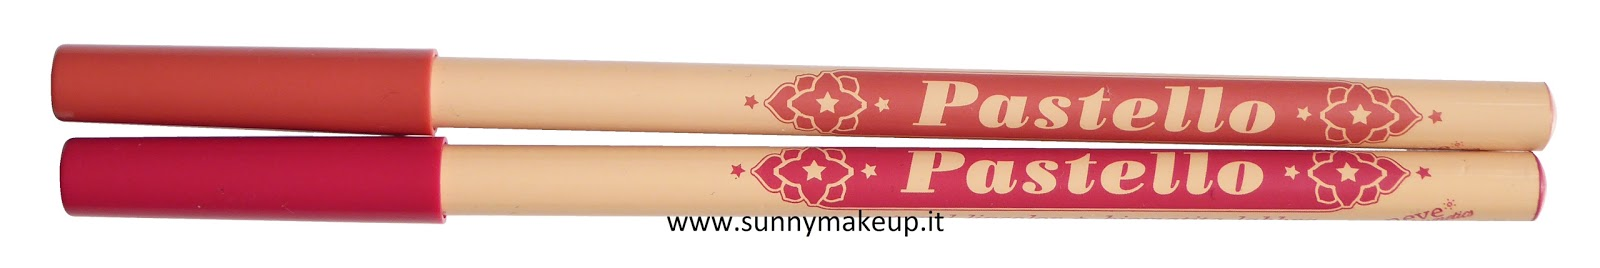 Neve Cosmetics - Matite Labbra Pastello: Swatches e review di Magnolia e Orchidea